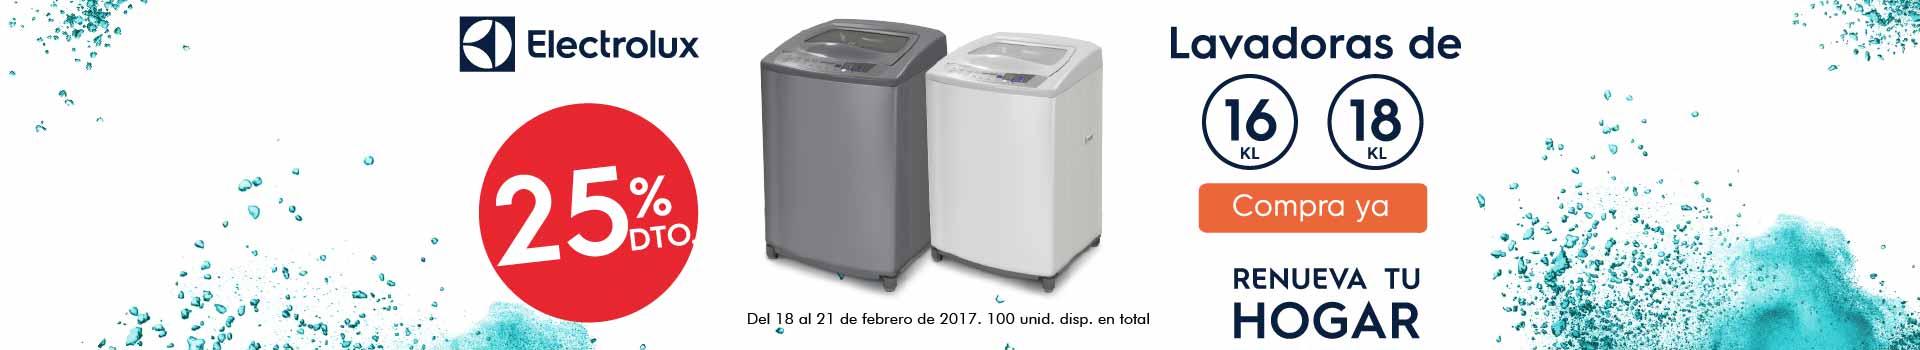 HIPER ELEC - feb 18 - 20%Dto en lavadoras 16k y 18k ELECTROLUX